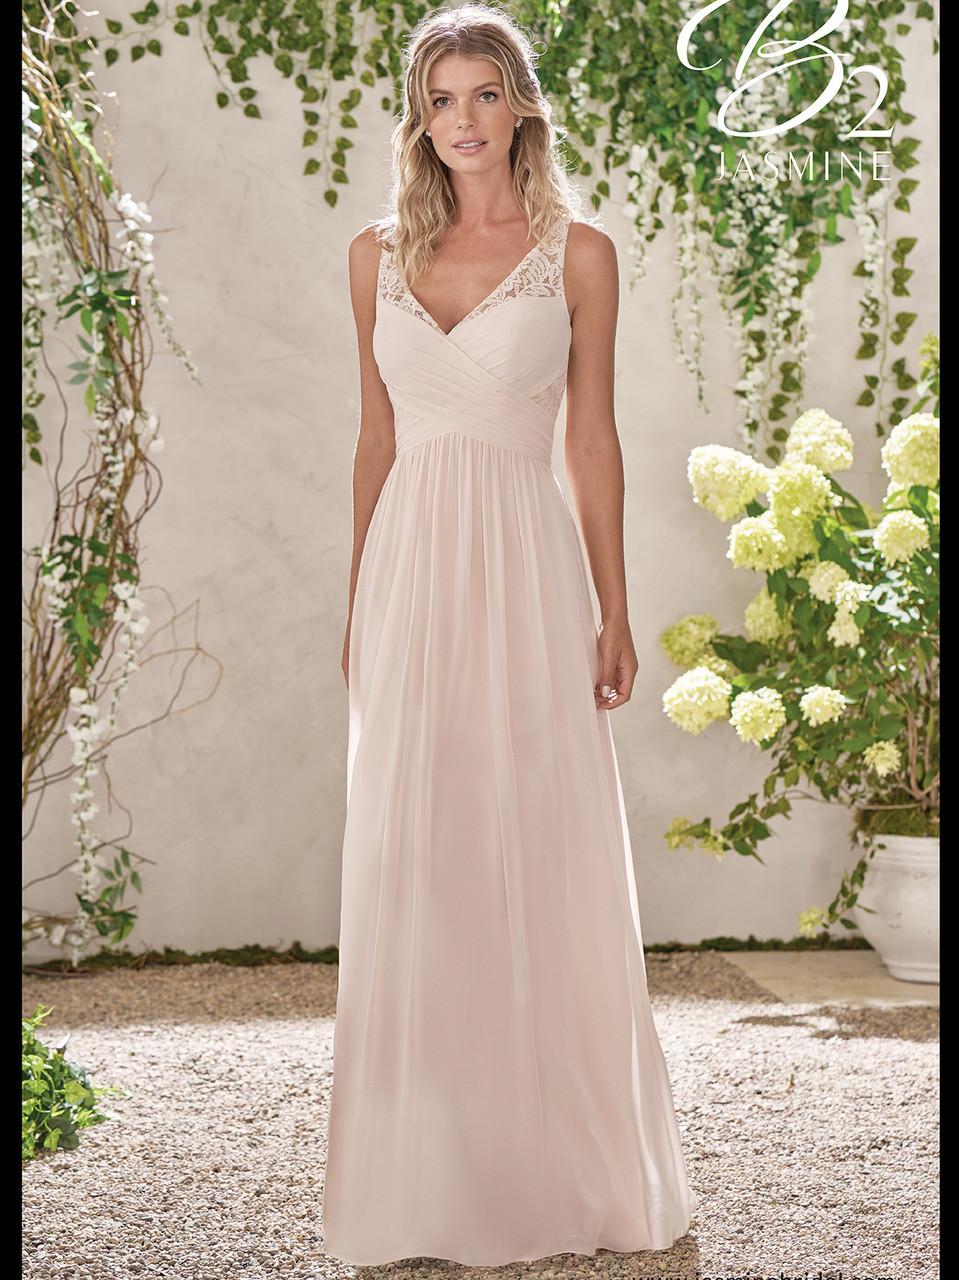 393bfa5953 Jasmine B193001 V-neck A-line Bridesmaid Dress - DimitraDesigns.com